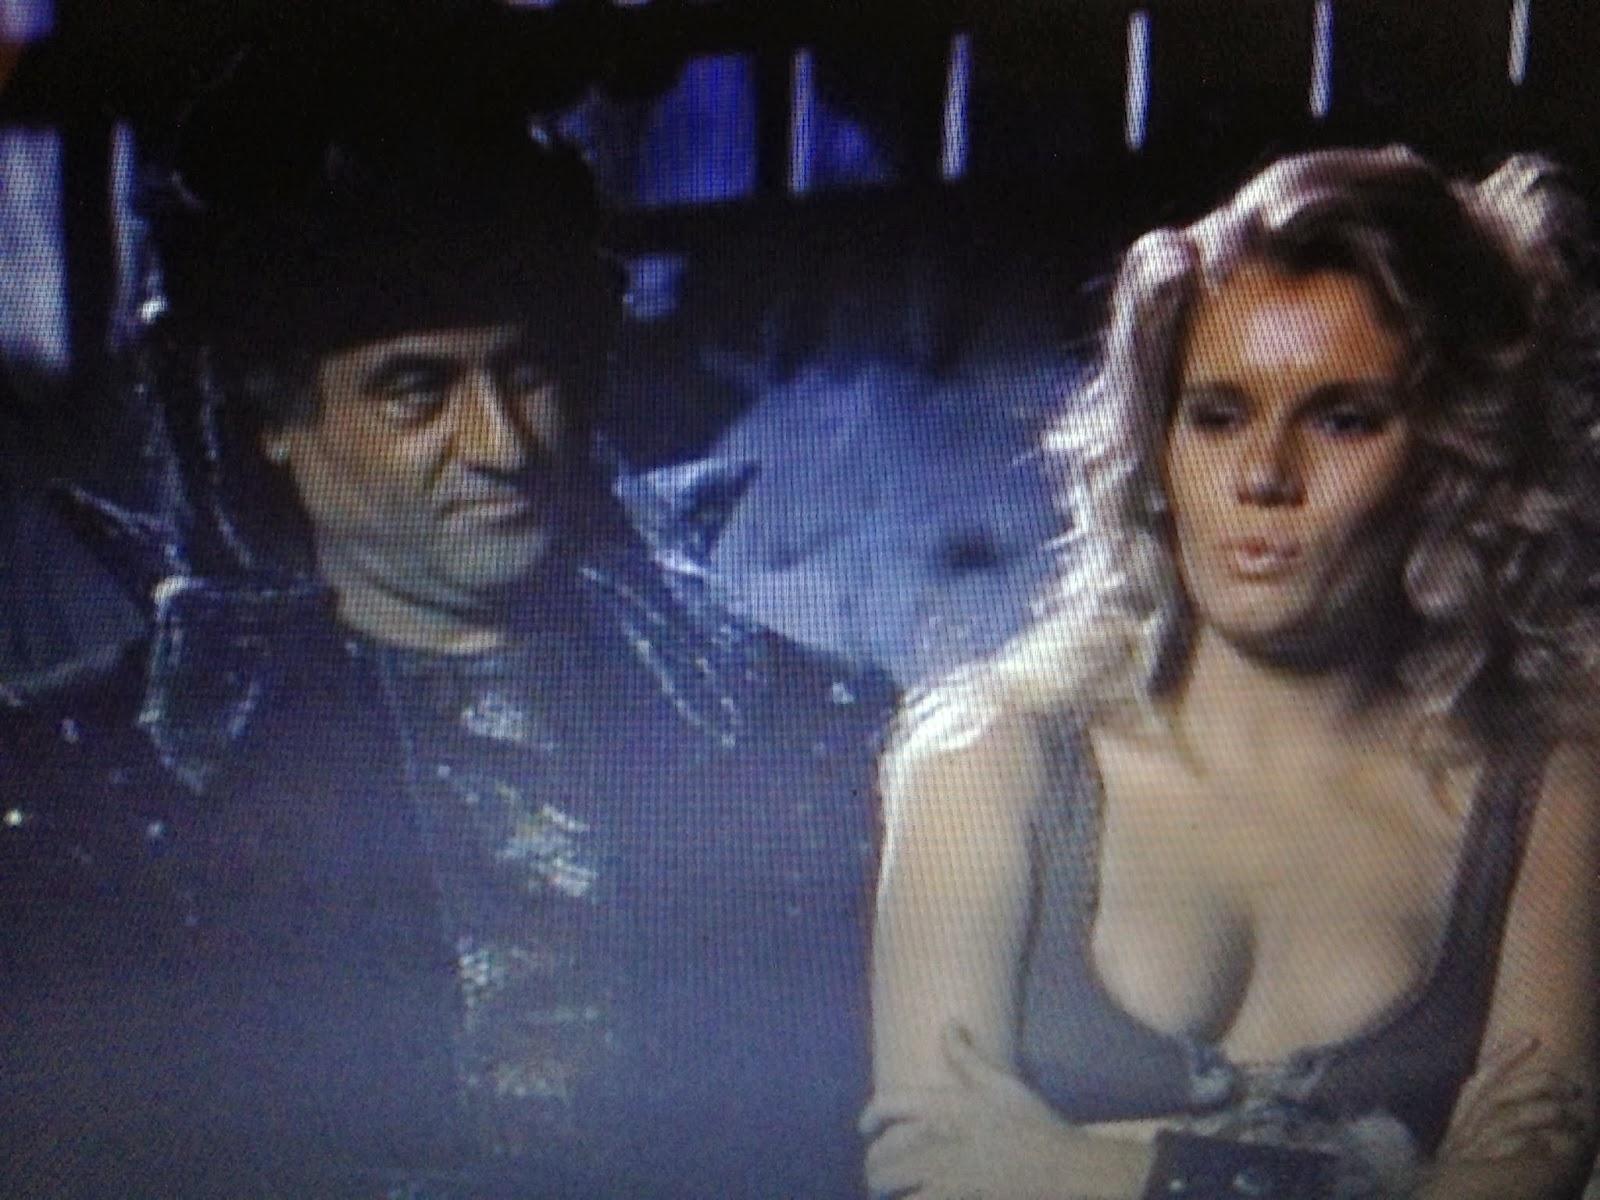 Lana clarkson dead photos M: The Haunting of Morella (1990 Nicole Eggert)